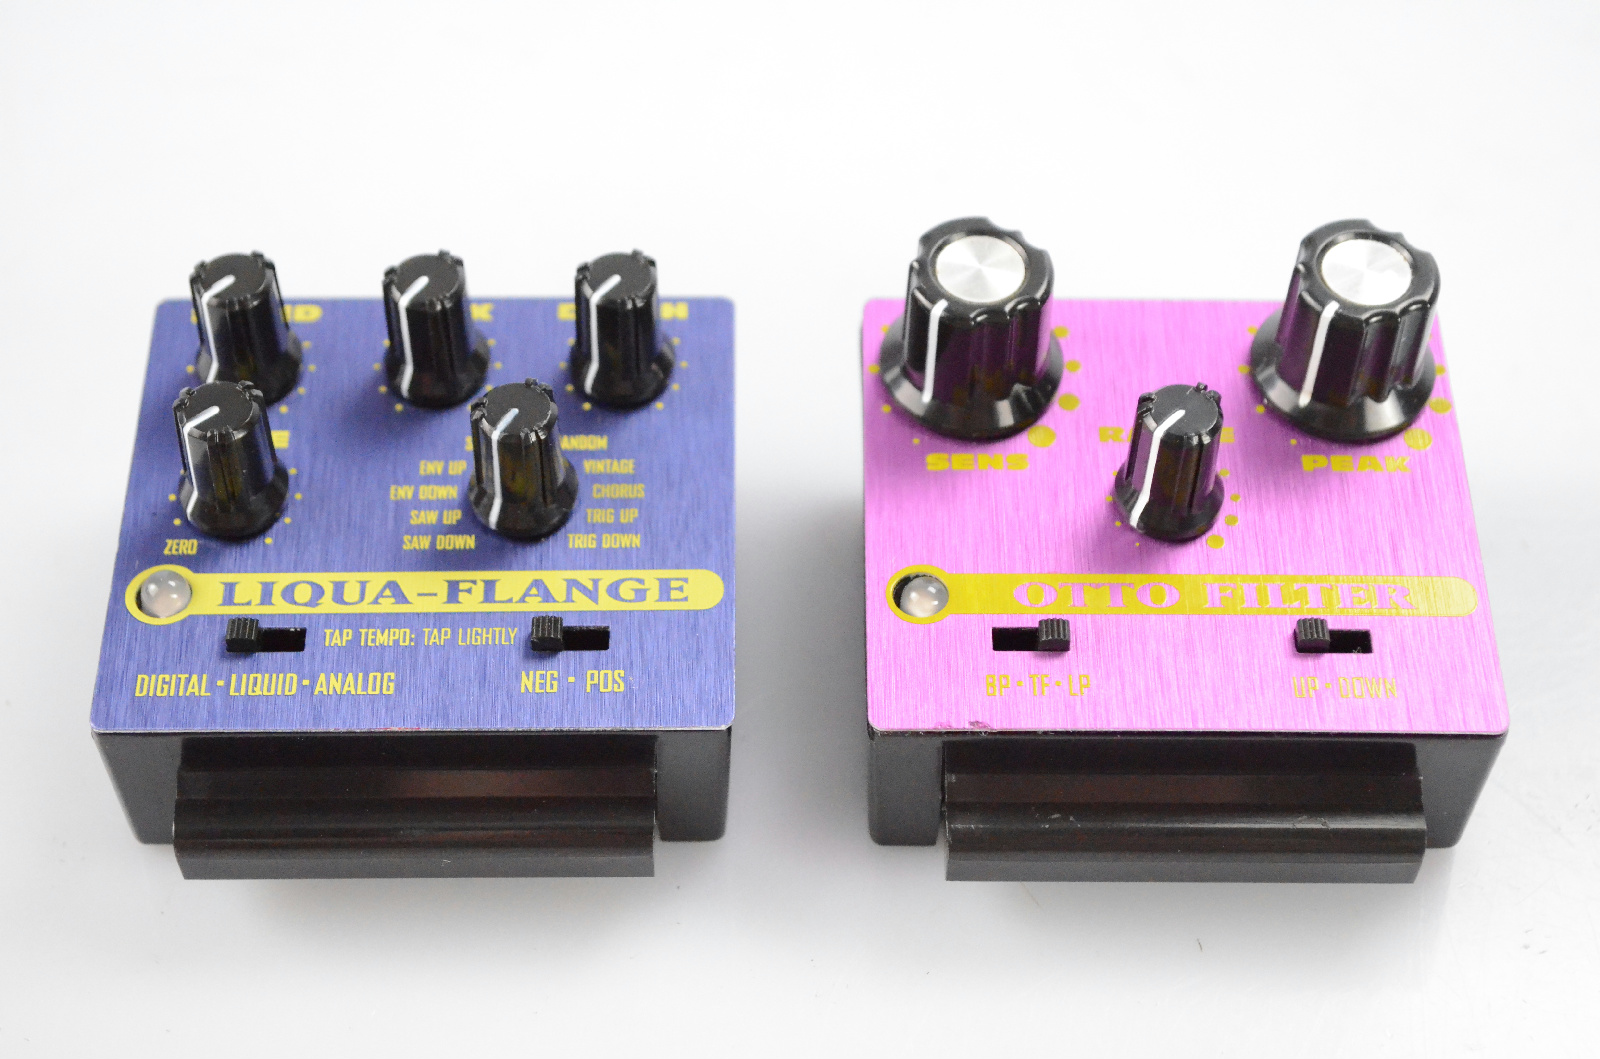 Line 6 Liqua-Flange & Otto Filter ToneCore Guitar Effect Modules Core #32024